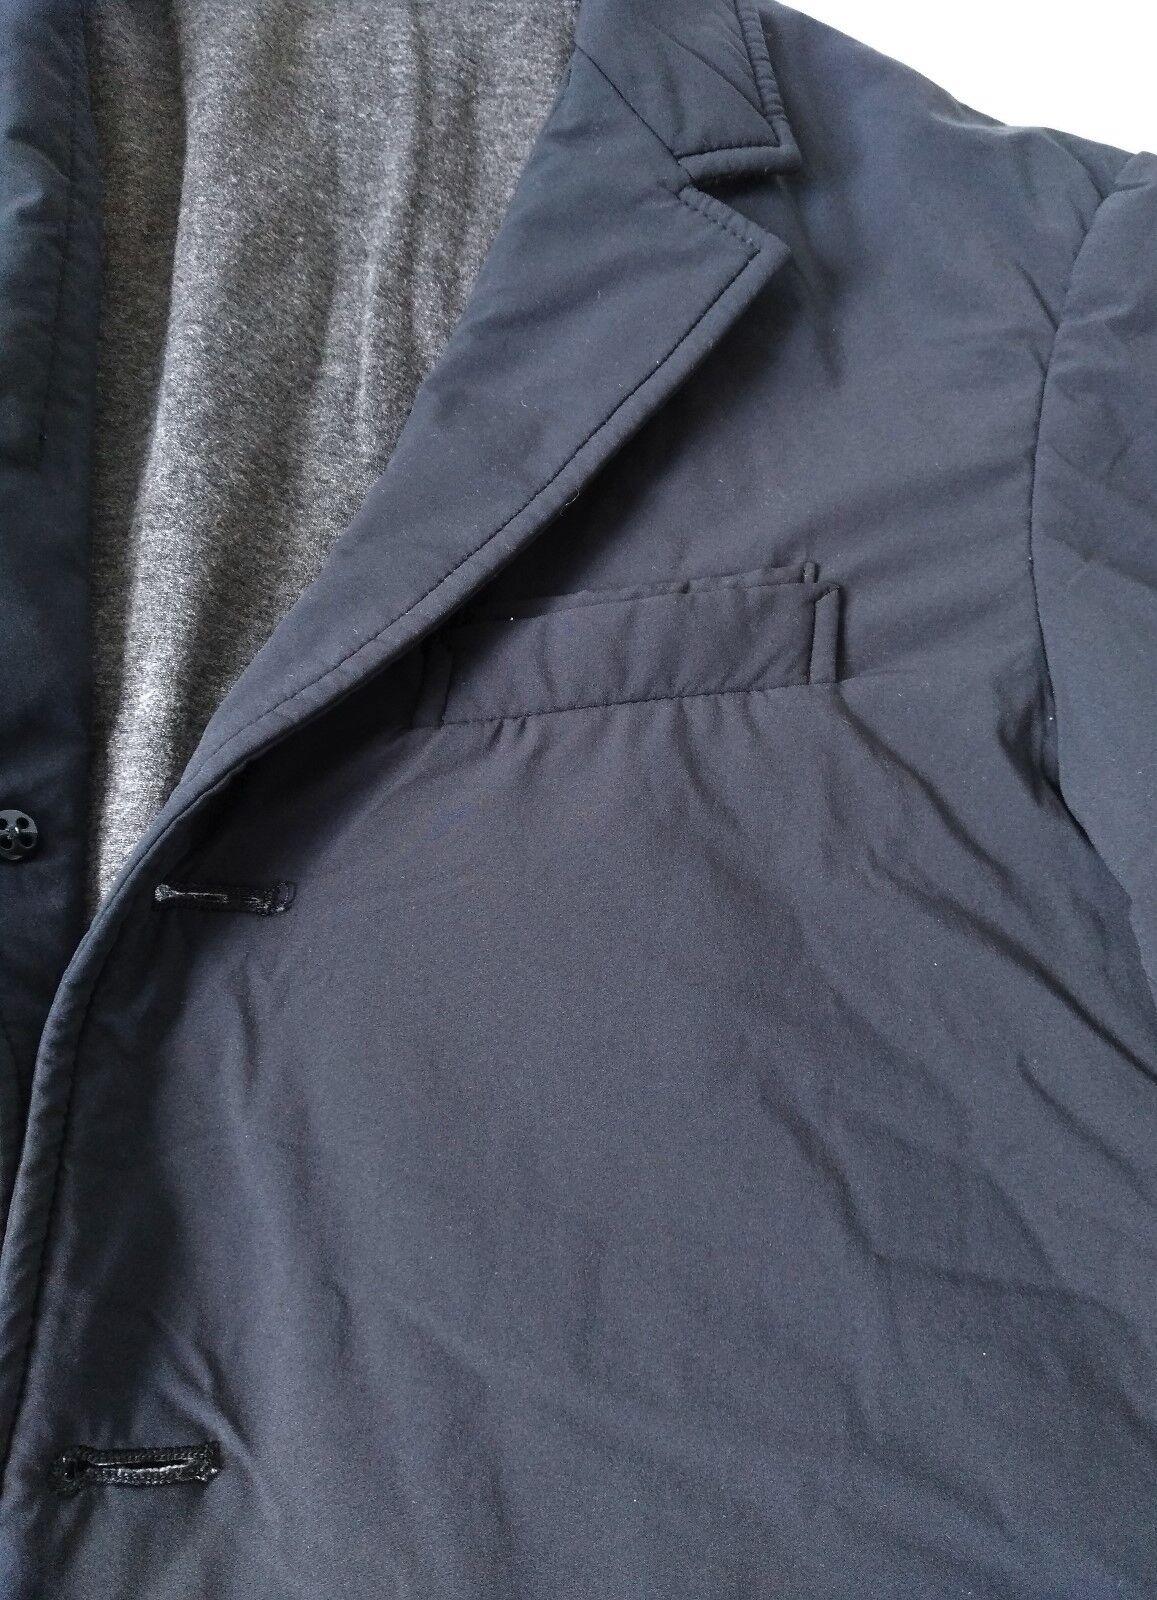 90a6aa46ac Eredeti dzseki ZZegna férfi téli fekete M-L dzseki méret M-L Made Made  Romániában dupla pamut